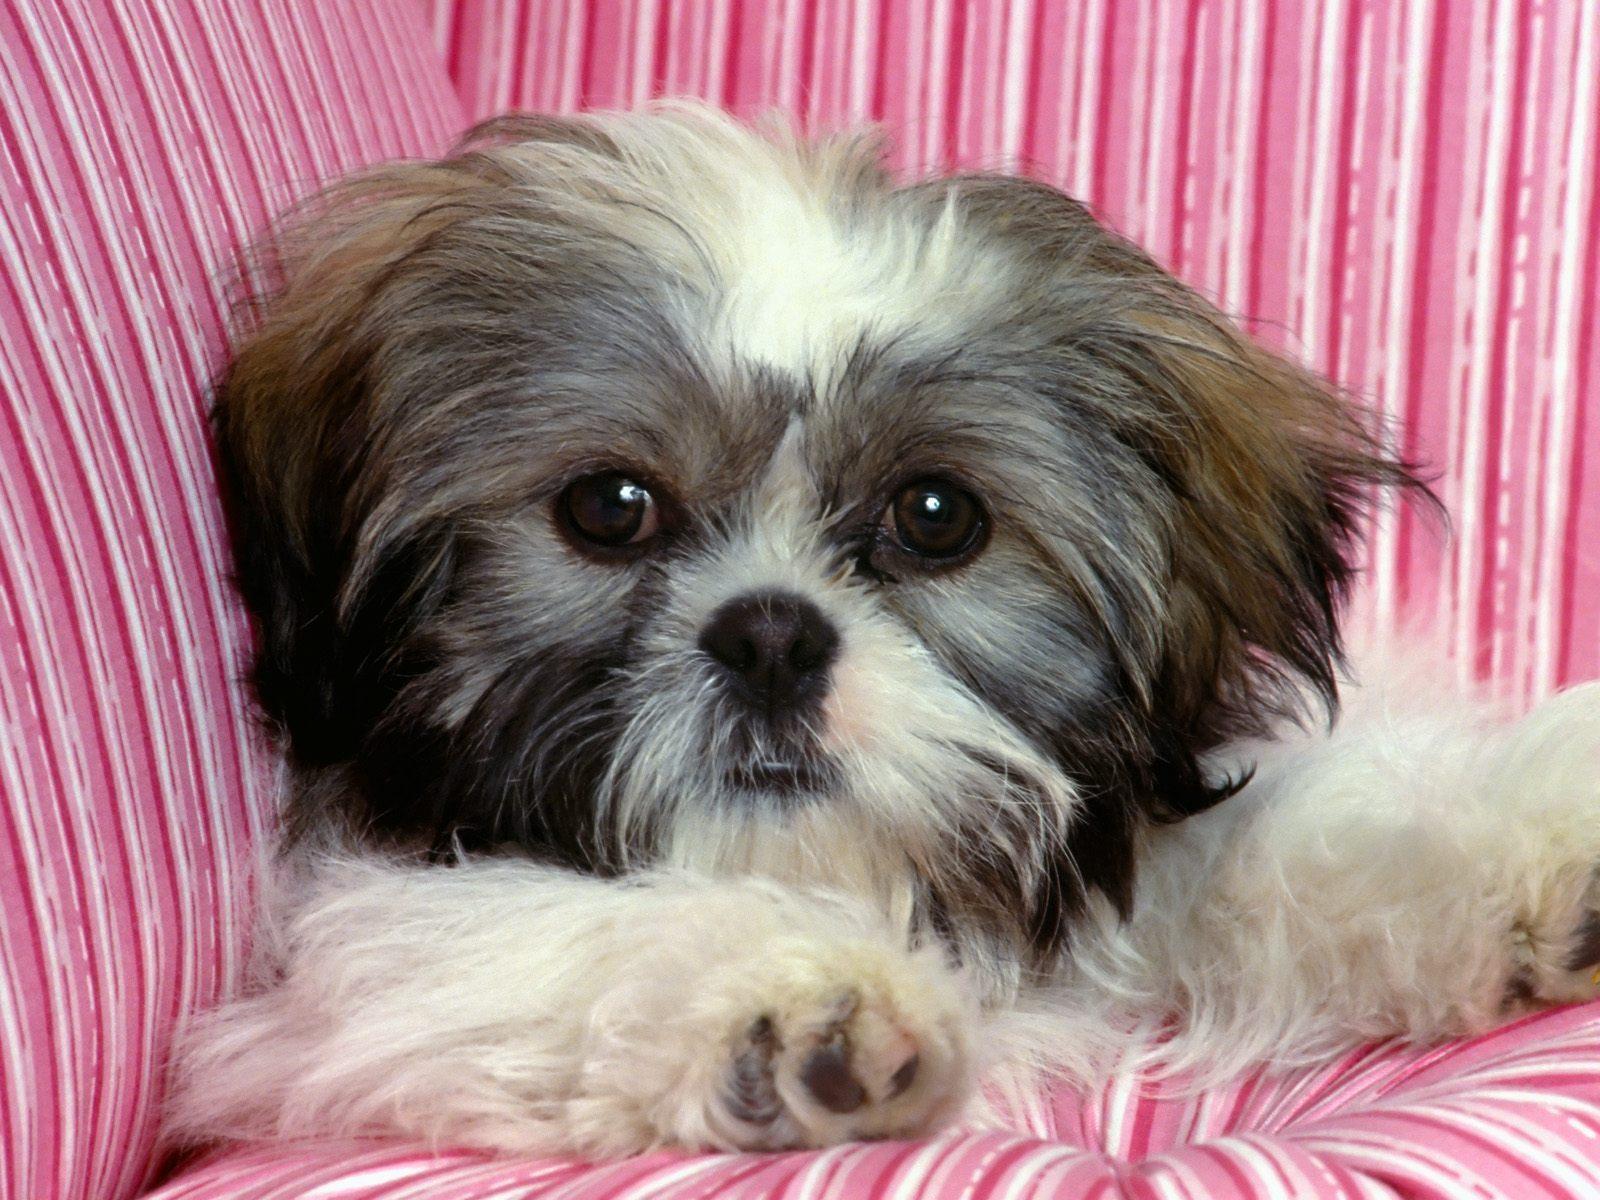 Cairn Terrier - Dogs Wallpaper (13248625) - Fanpop